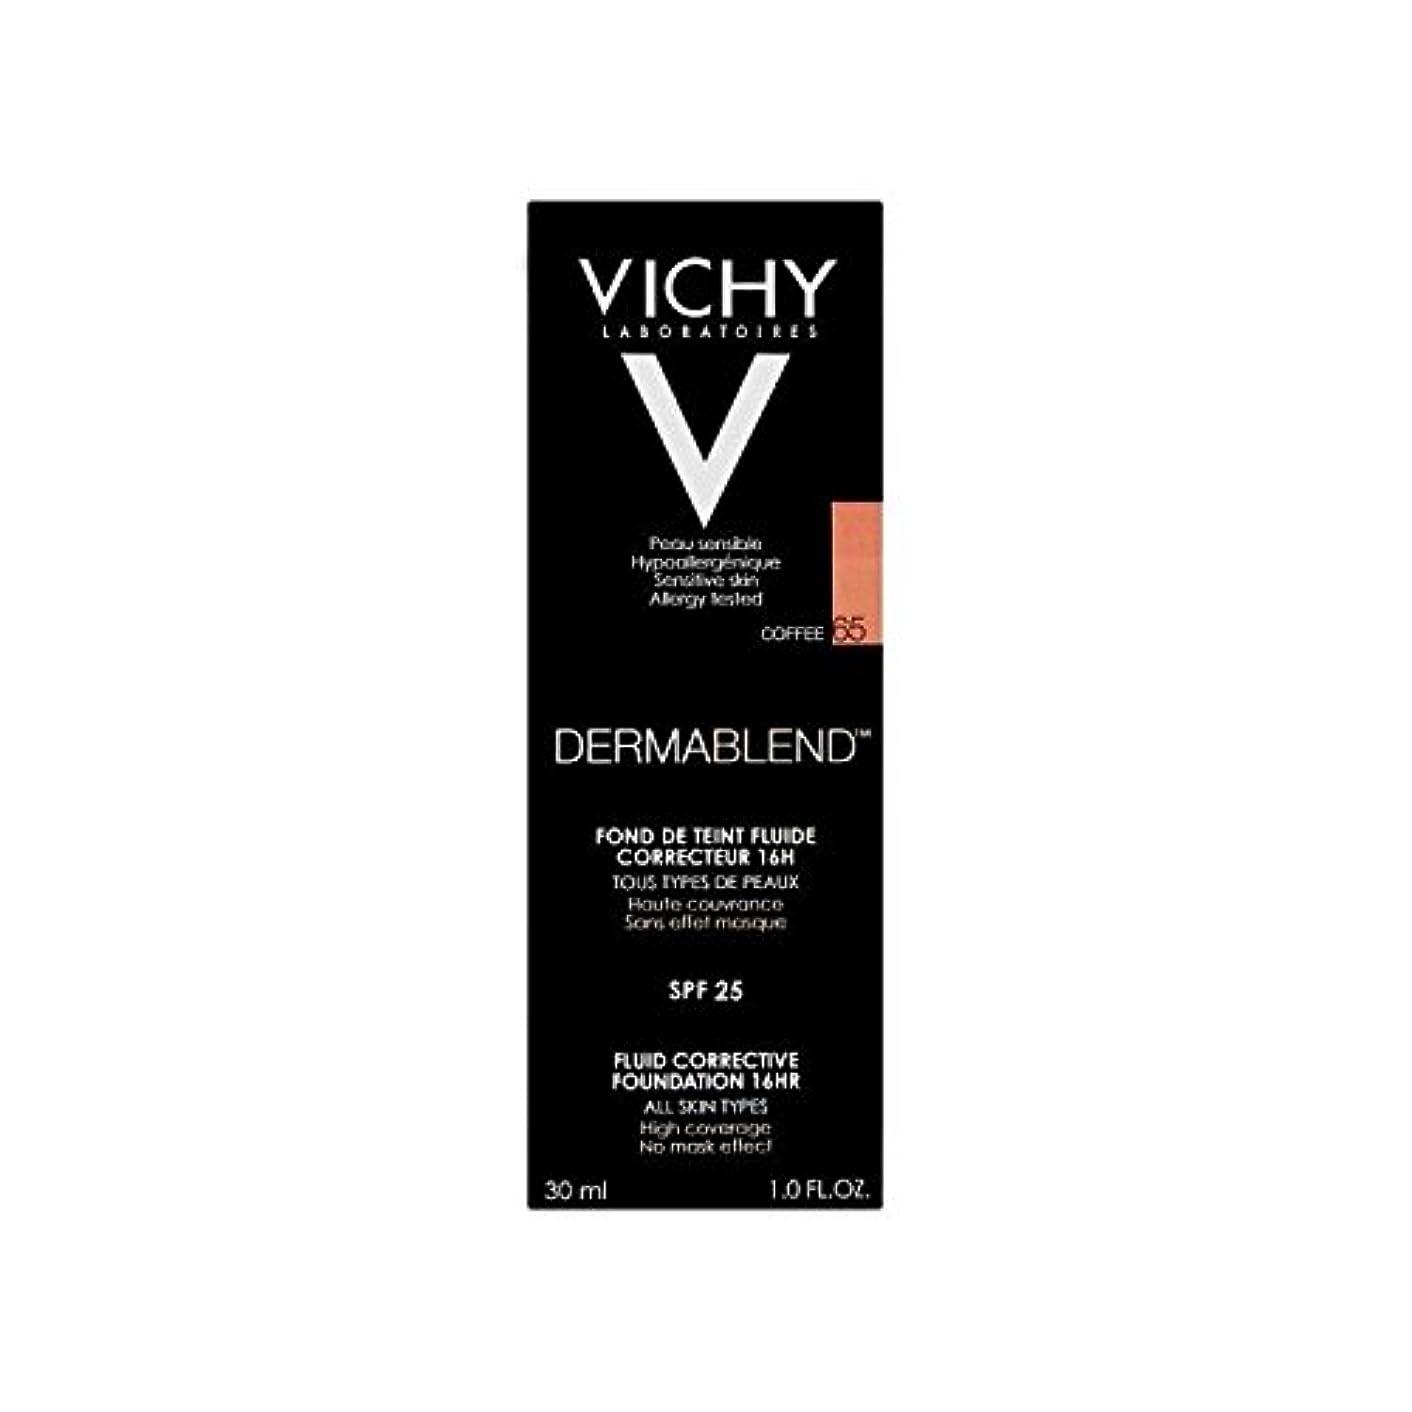 謝罪セレナ出演者Vichy Dermablend Corrective Fluid Foundation 30ml Coffee 65 - ヴィシー是正流体の基礎30ミリリットルのコーヒー65 [並行輸入品]